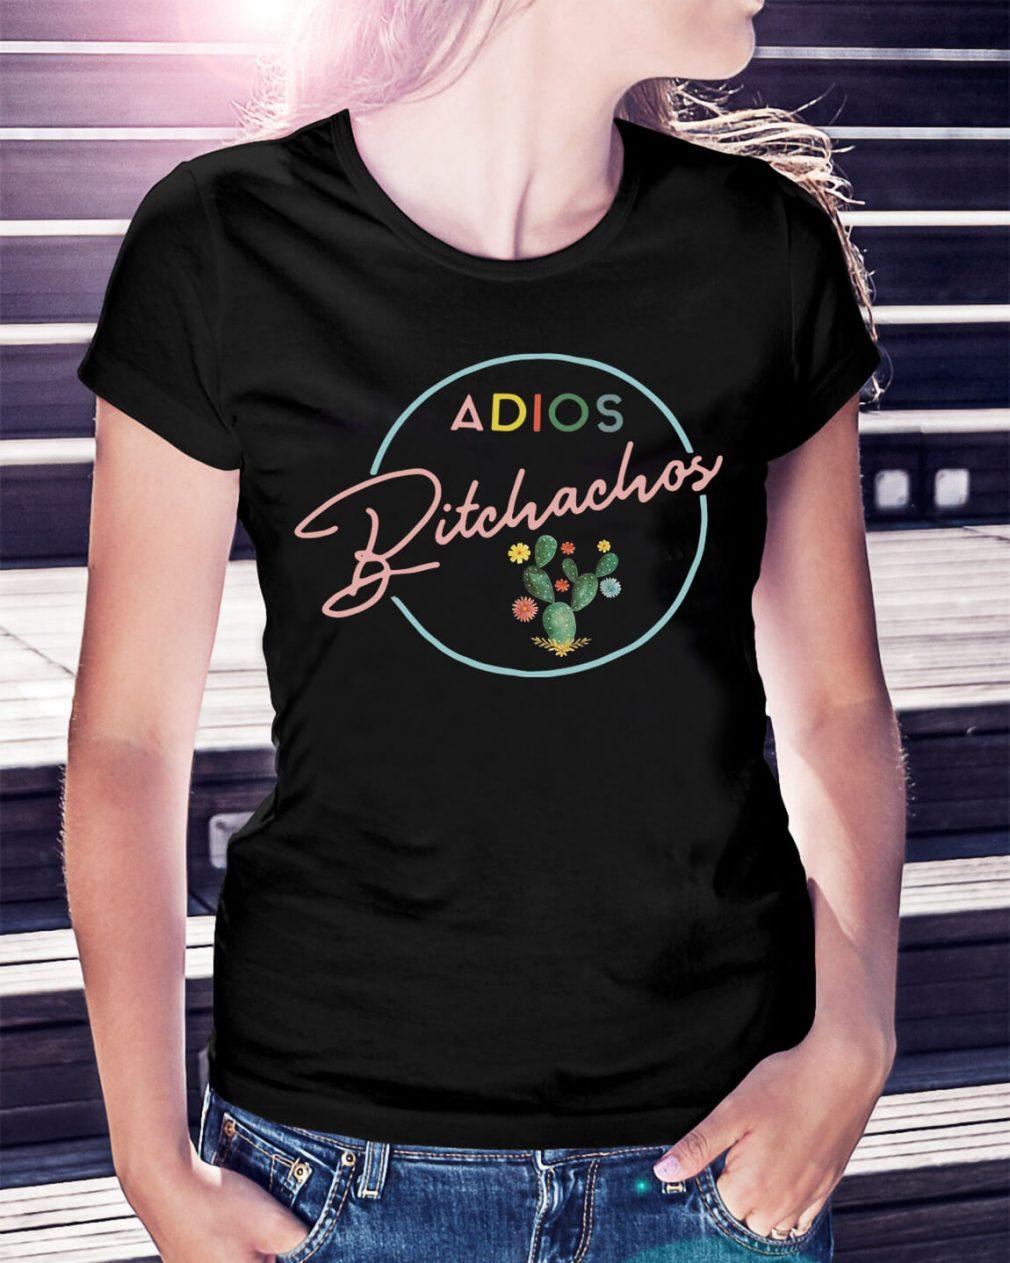 Cactus adios bitchachos shirt